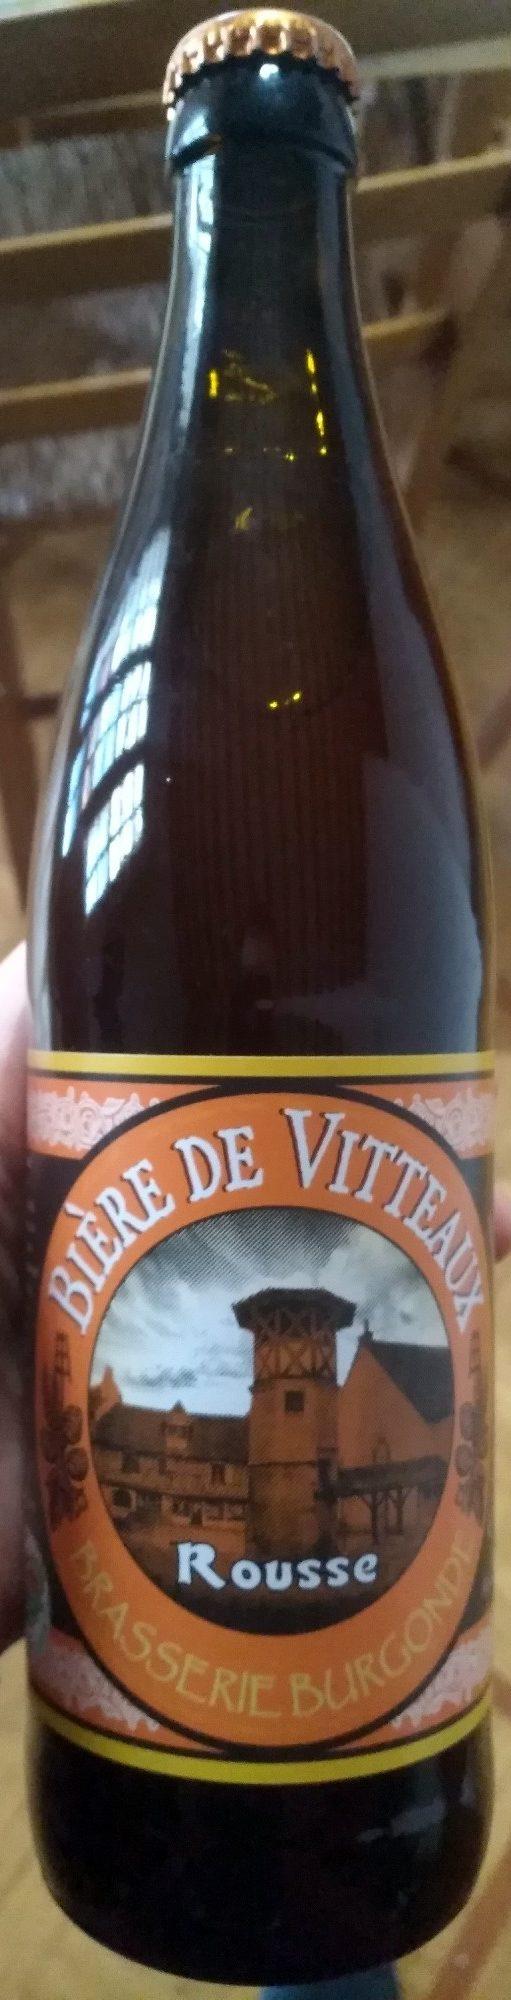 Bière de Vitteaux Rousse - Produit